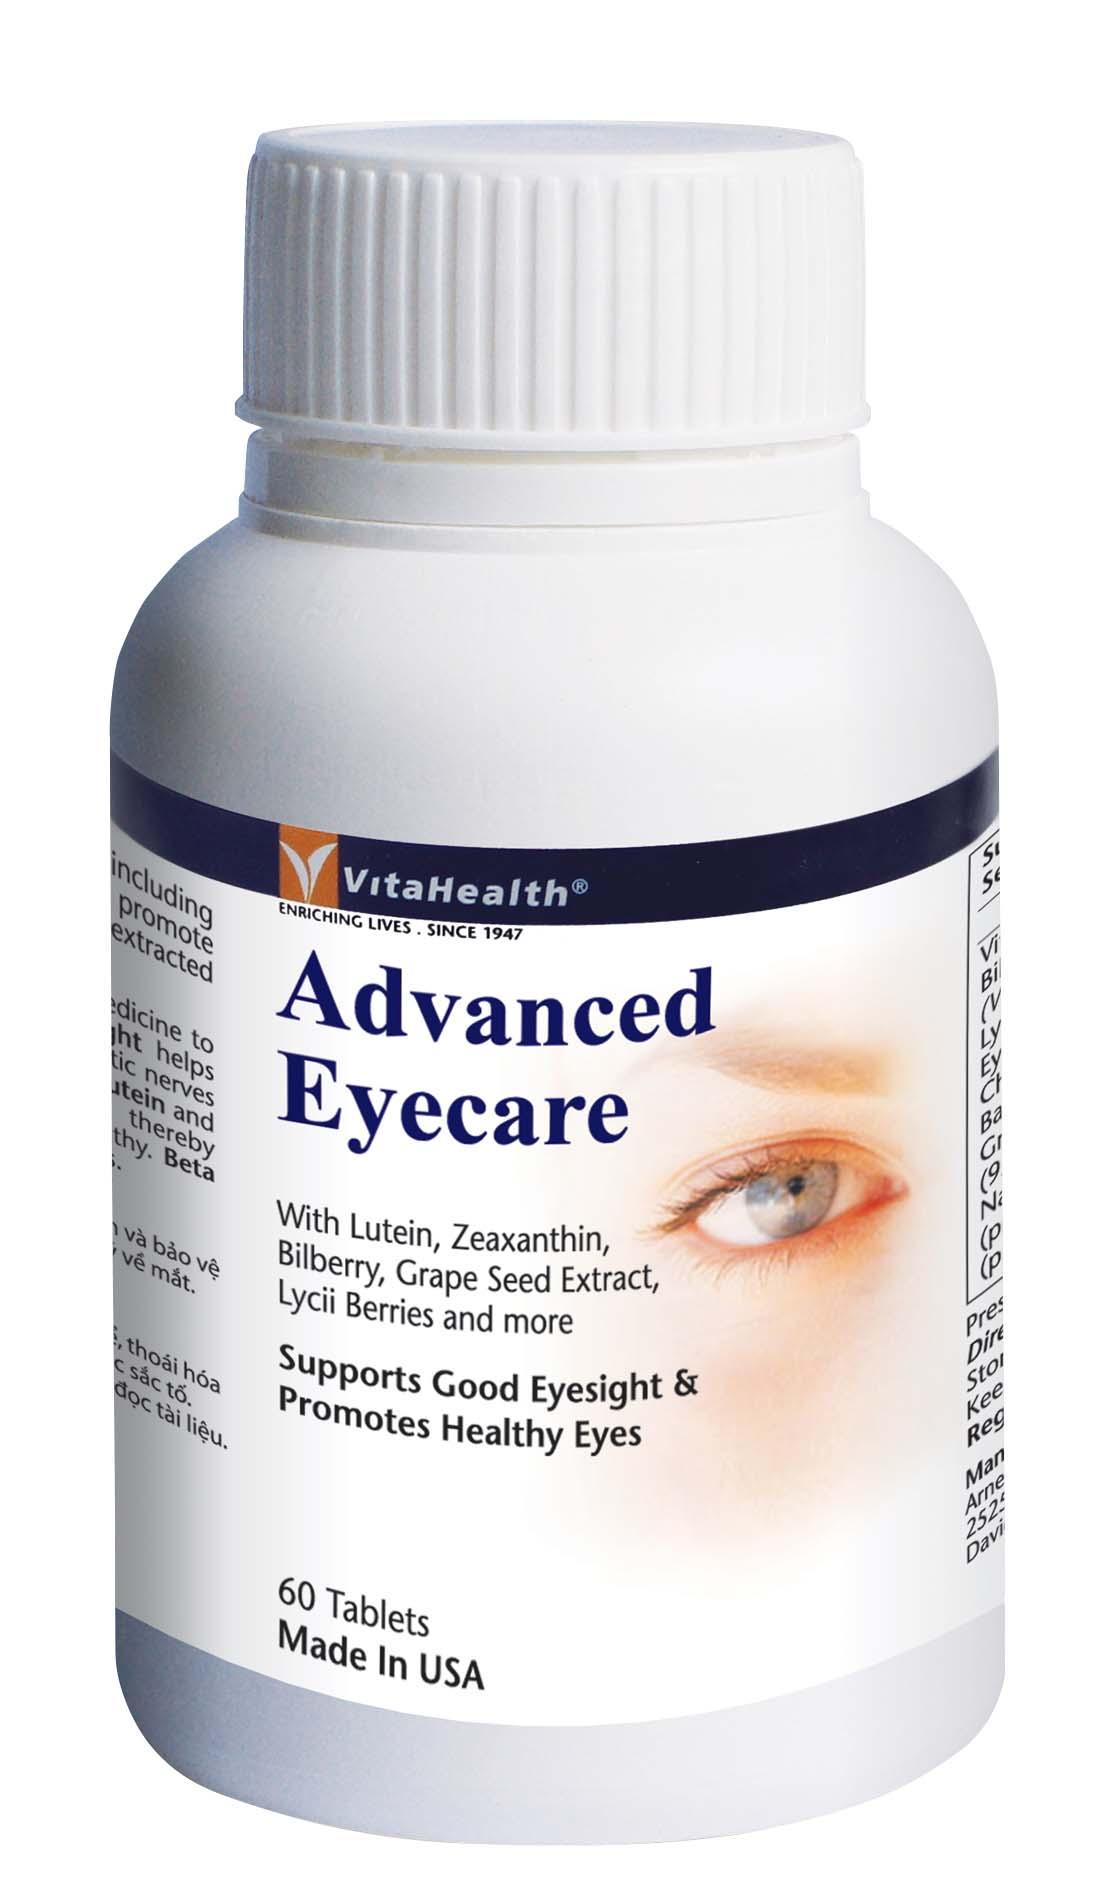 Thực phẩm bảo vệ sức khỏe Vitahealth Advanced Eyecare